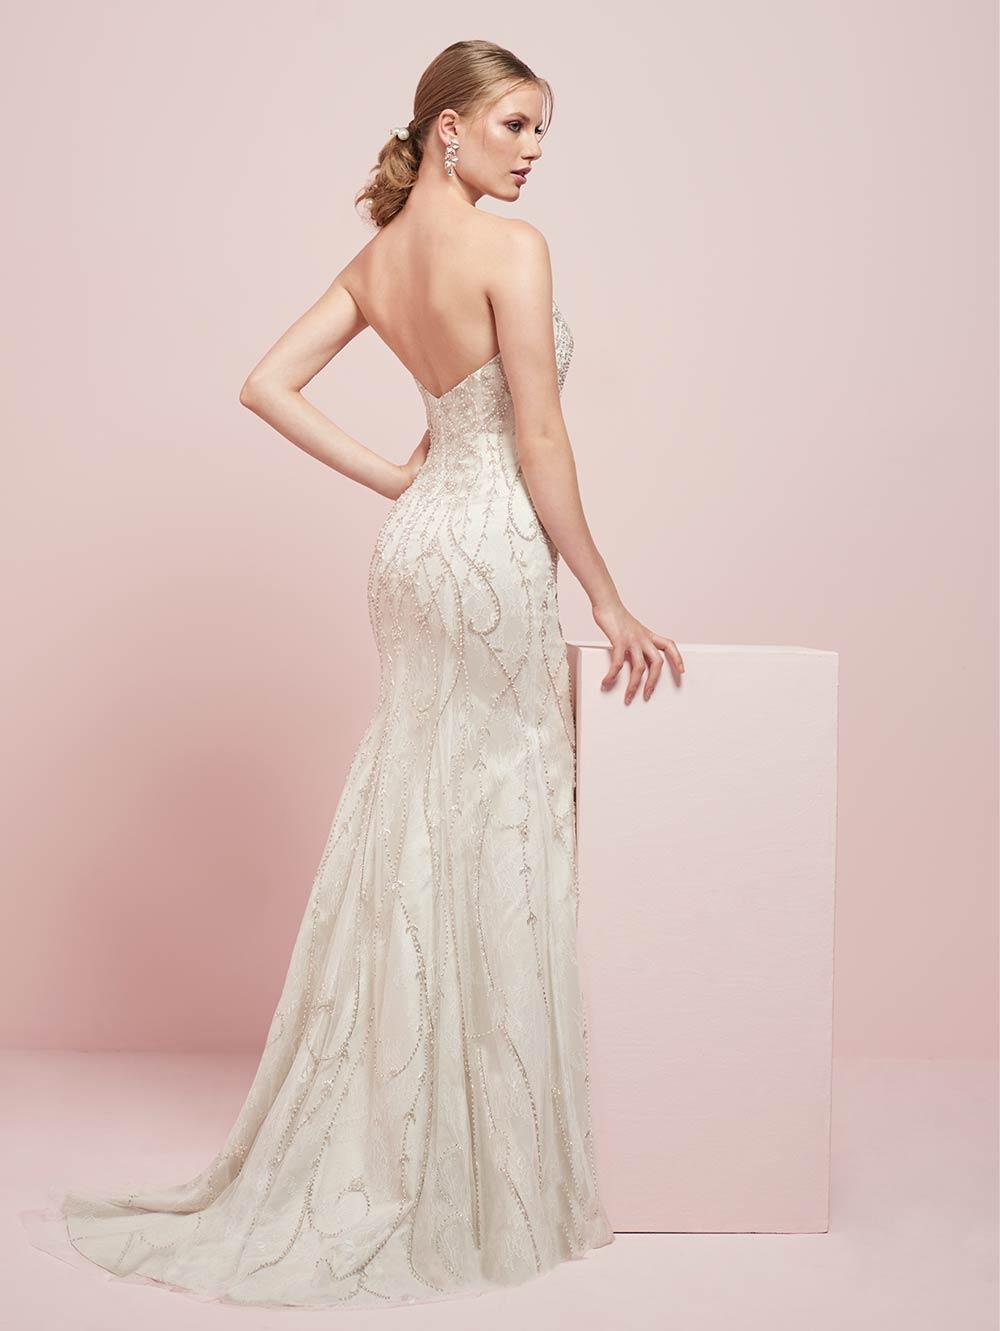 bridal-gowns-jacquelin-bridals-canada-27624